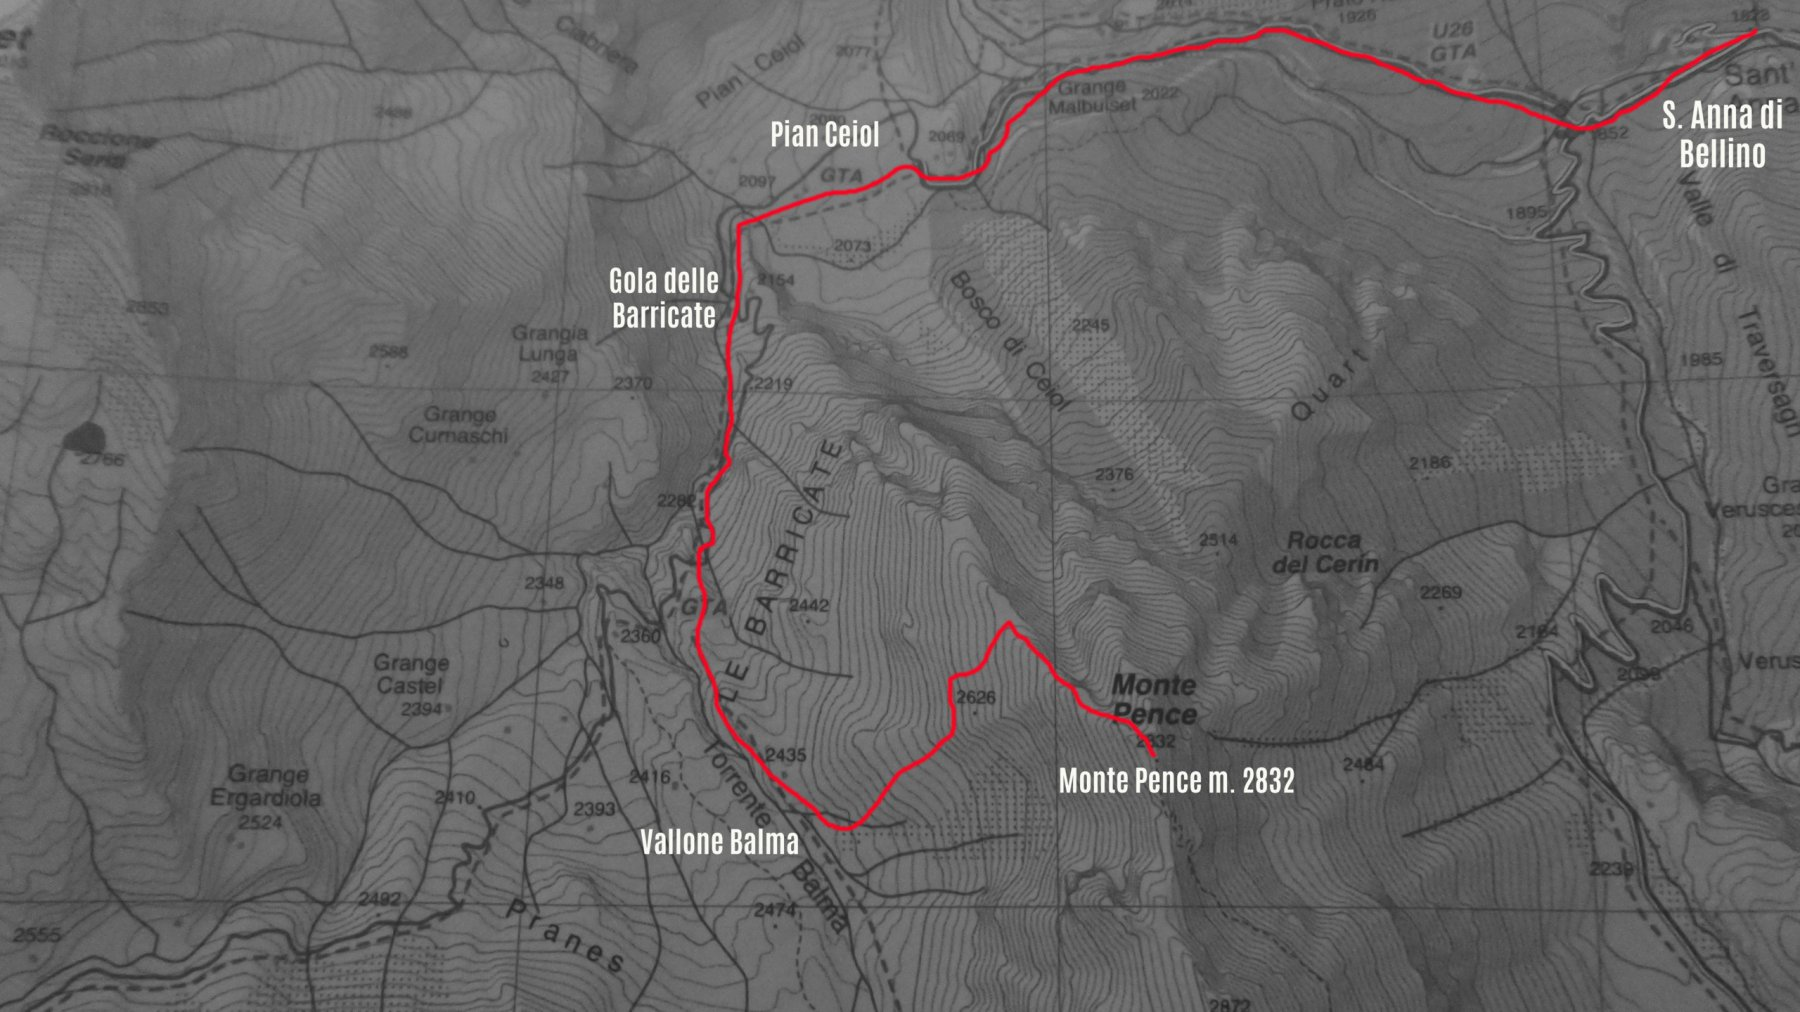 stralcio di carta topografica Fraternali con l'itinerario di salita